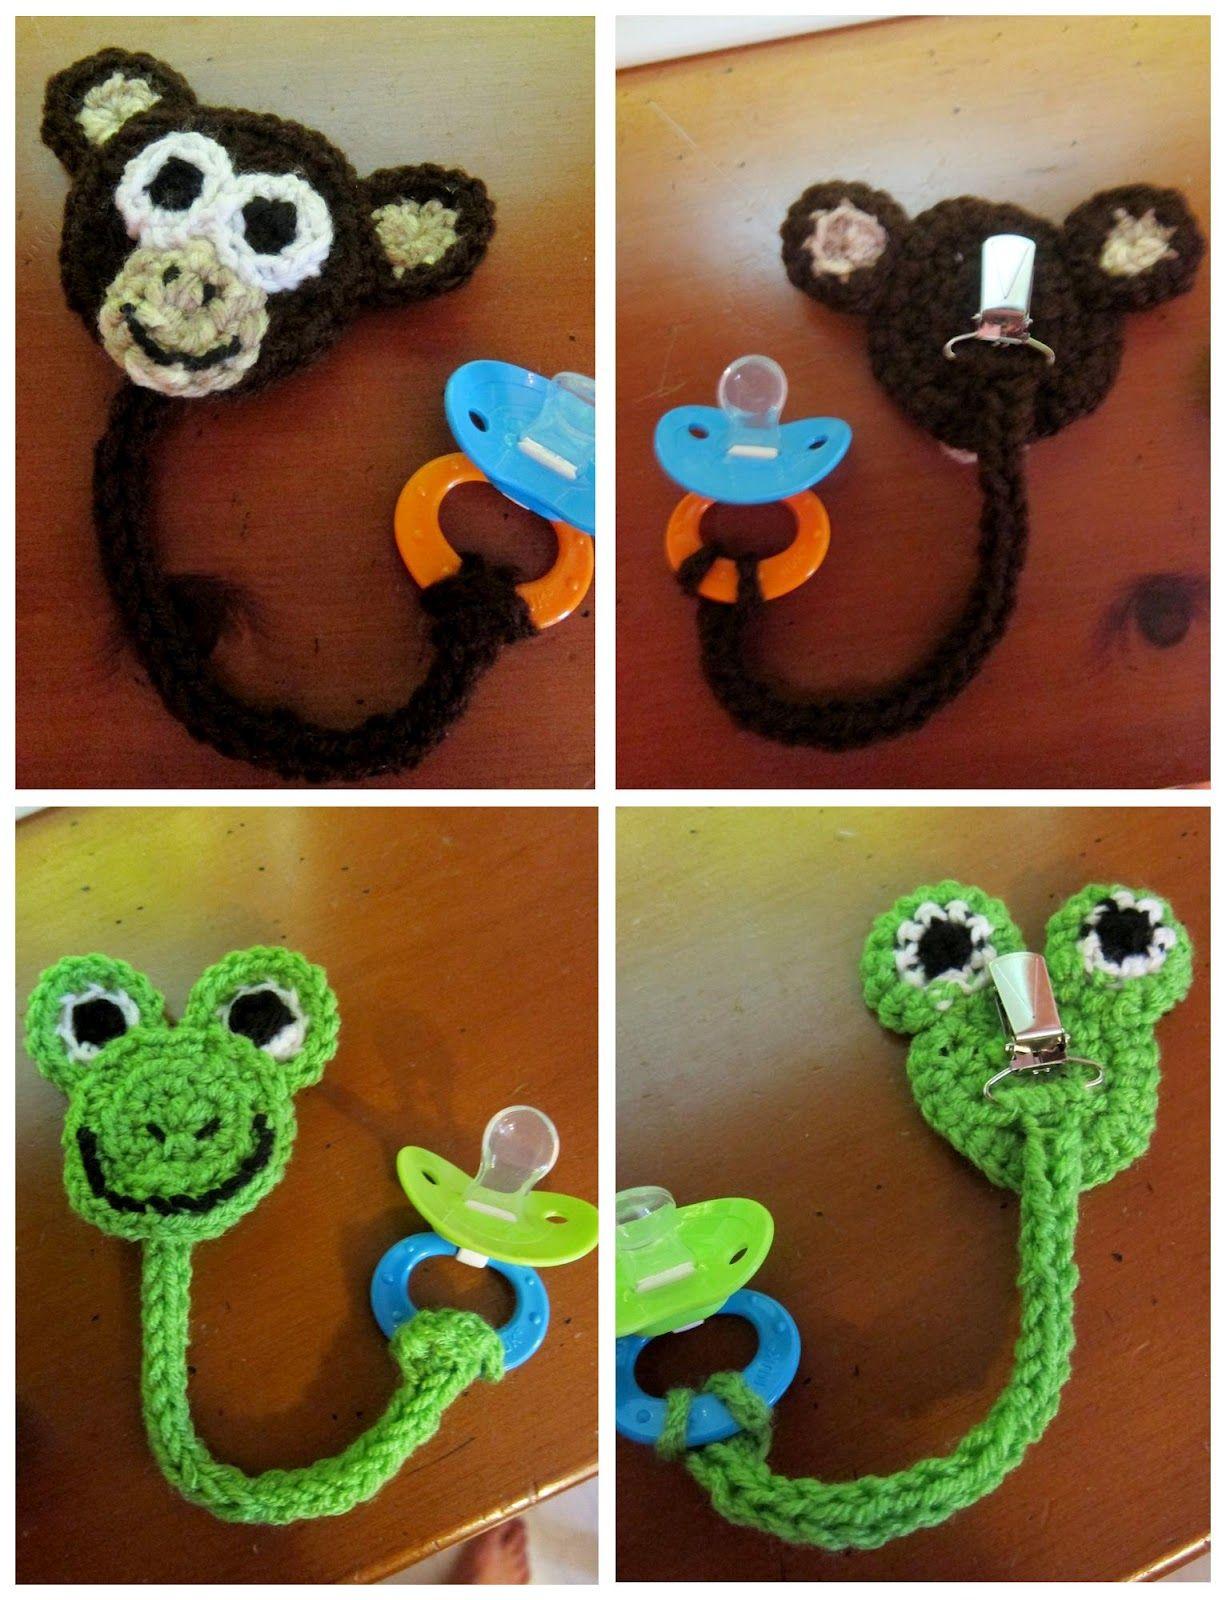 free pattern Off-the-Hook Crochet: Pacifier Clips http://www.offthehookcrochet.net/2012/09/pacifier-clips.html